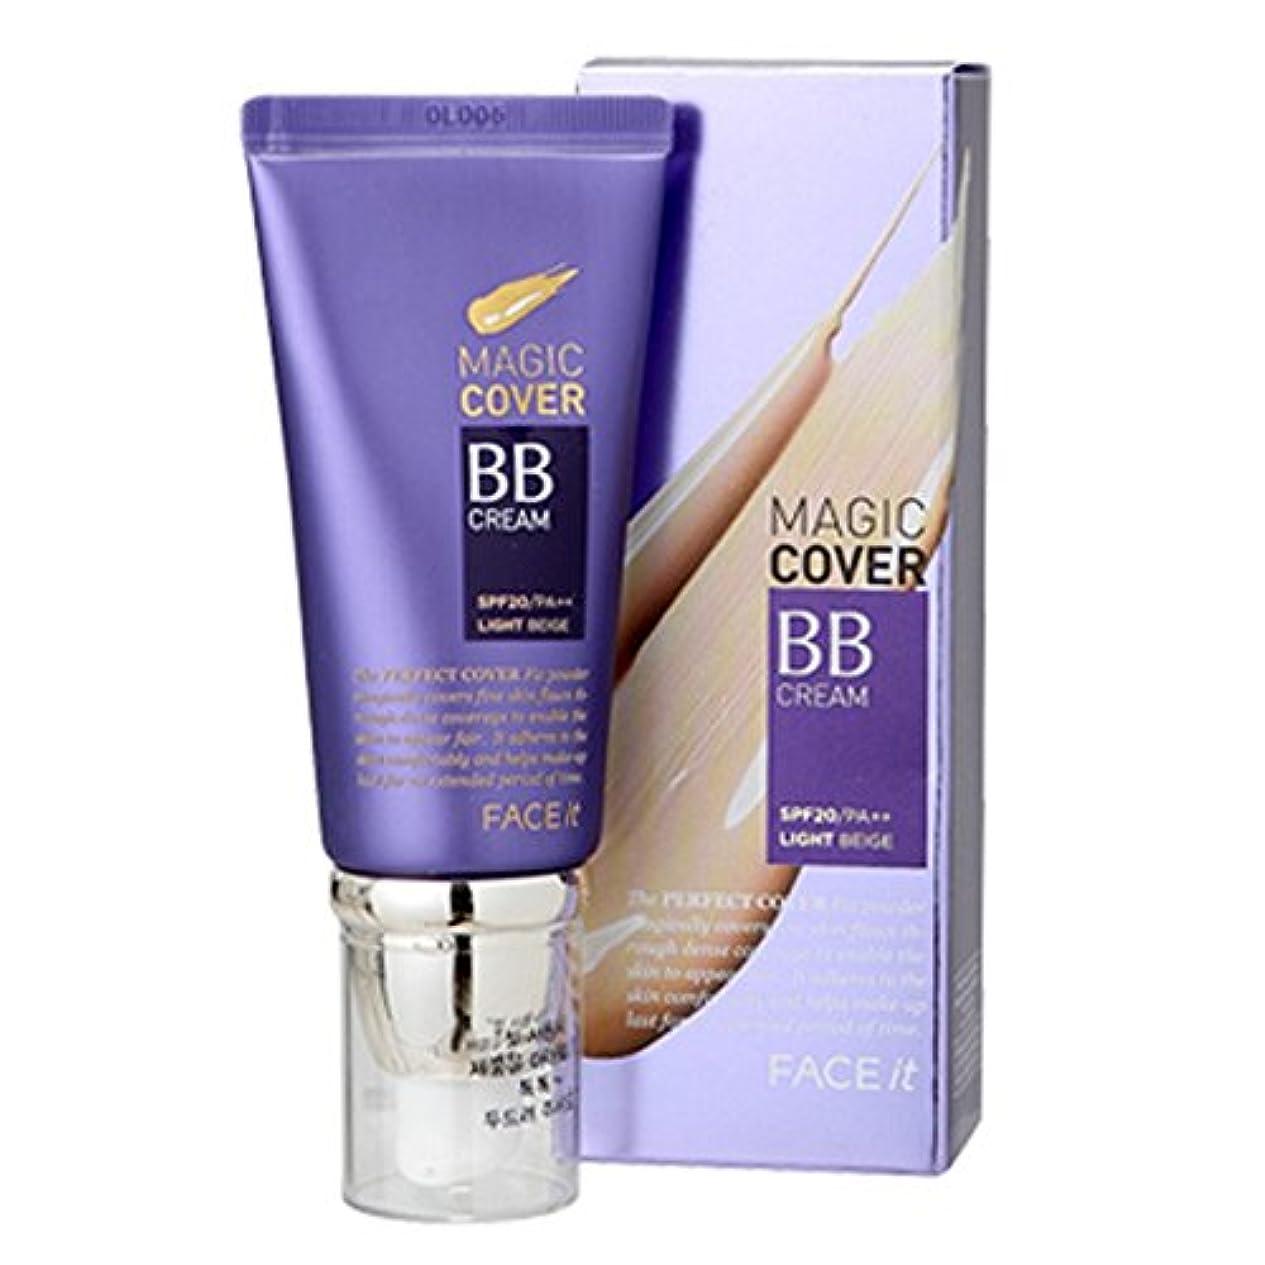 急性綺麗な医療のザフェイスショップ The Face Shop Face It Magic Cover BB Cream 45ml (01 Light Beige)